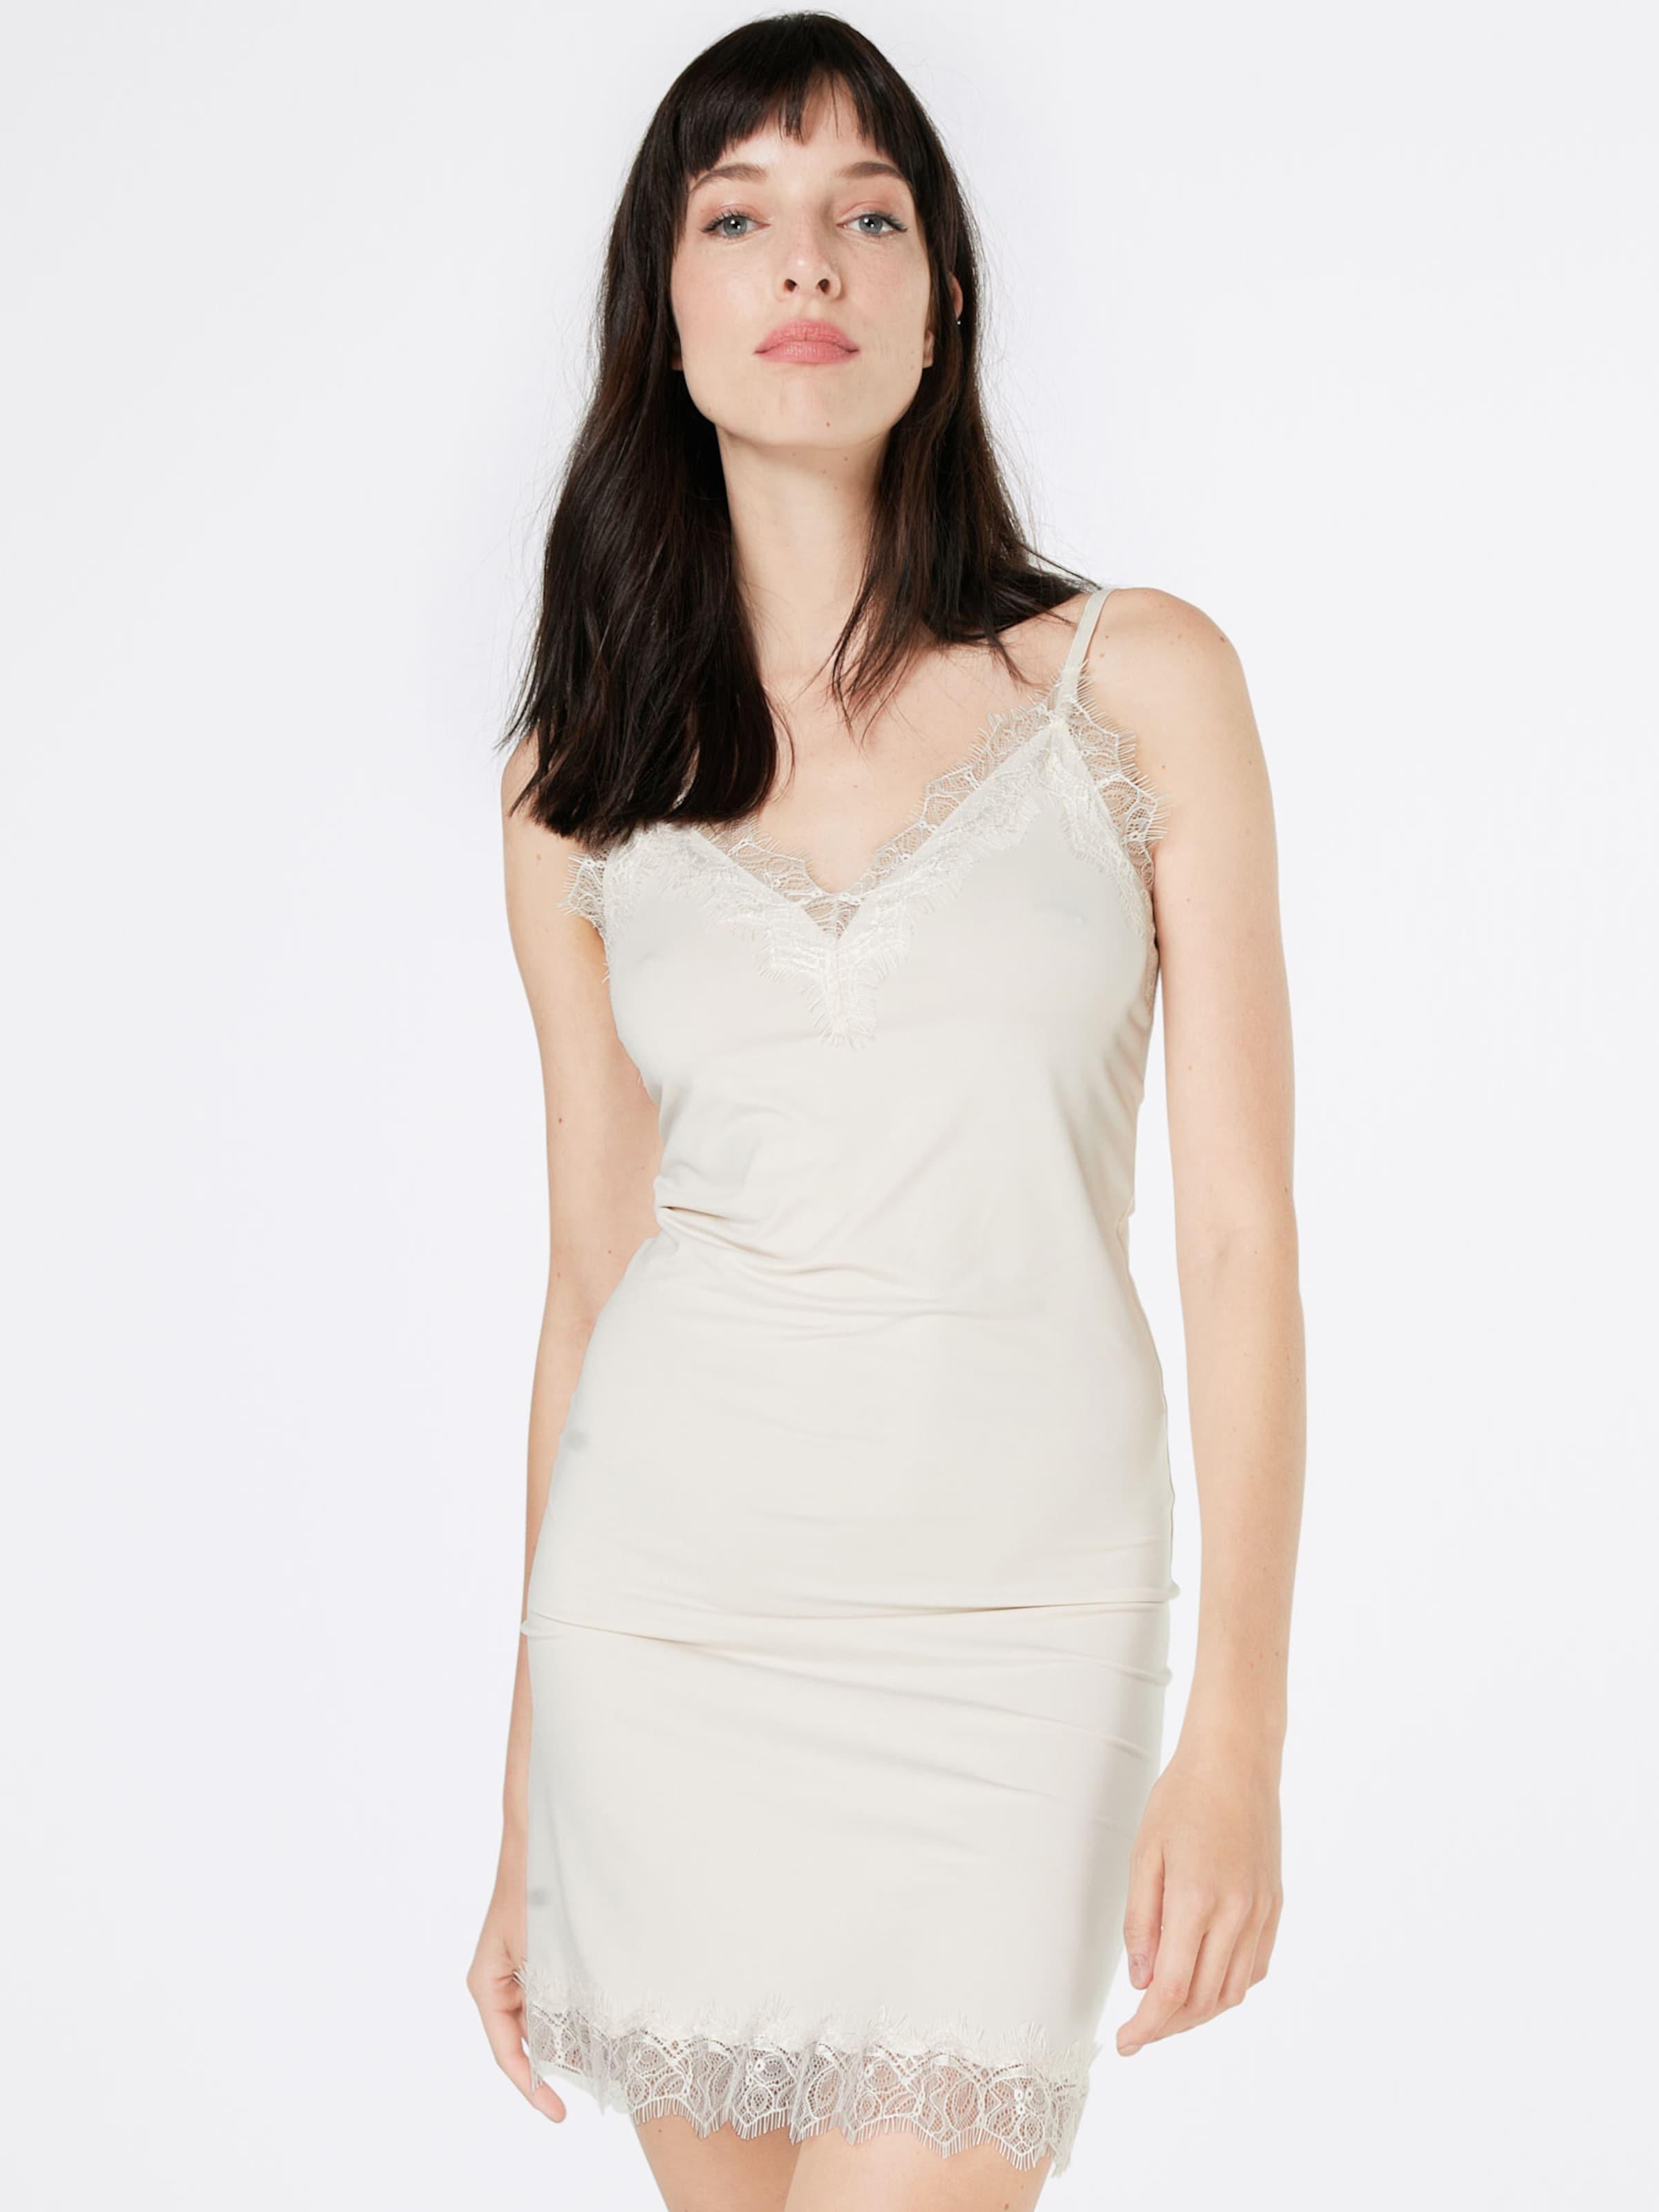 rosemunde Kleid 'Strap' Zum Verkauf Günstigen Preis Aus Deutschland Freiraum Für Billig Echt Günstig Online x0a4t3